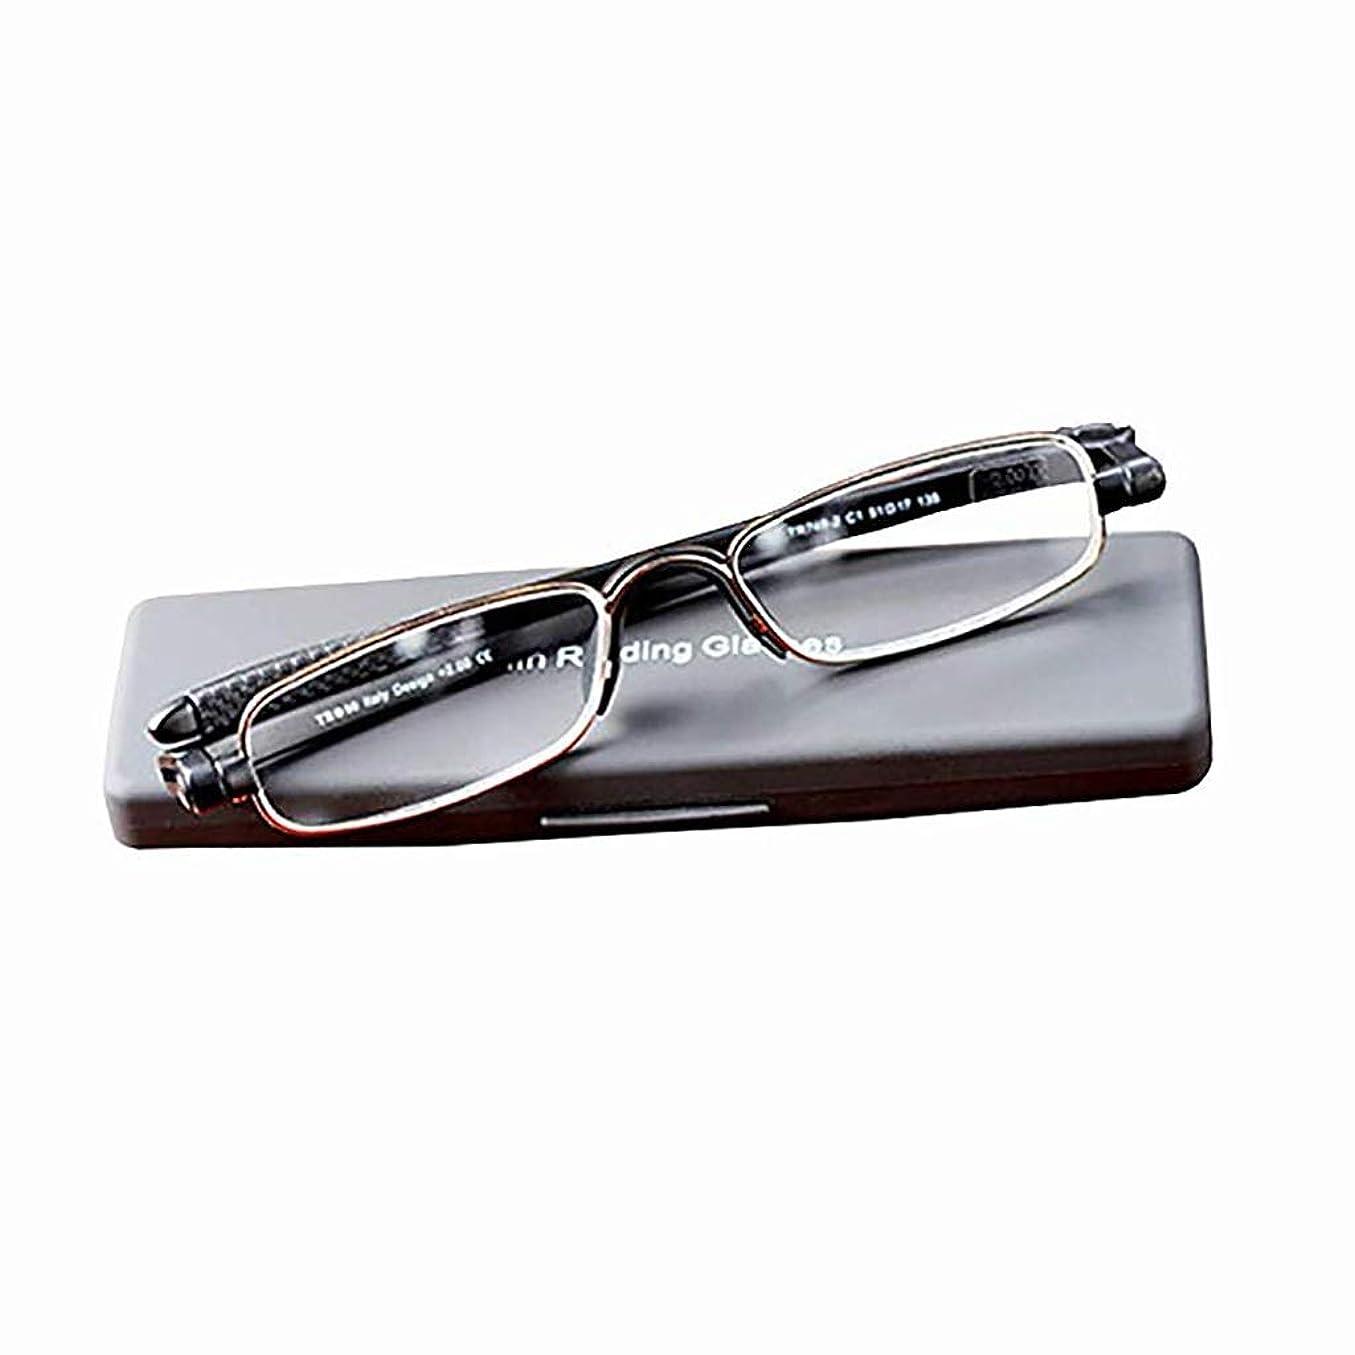 ファシズムセンサー経済携帯用および流行の金属の老眼鏡、包装が付いている360度の回転HDの樹脂の老眼鏡、読書/読書新聞/TV/移動式/インターネットのために適した 花が咲く (Color : B, Edition : +1.00)